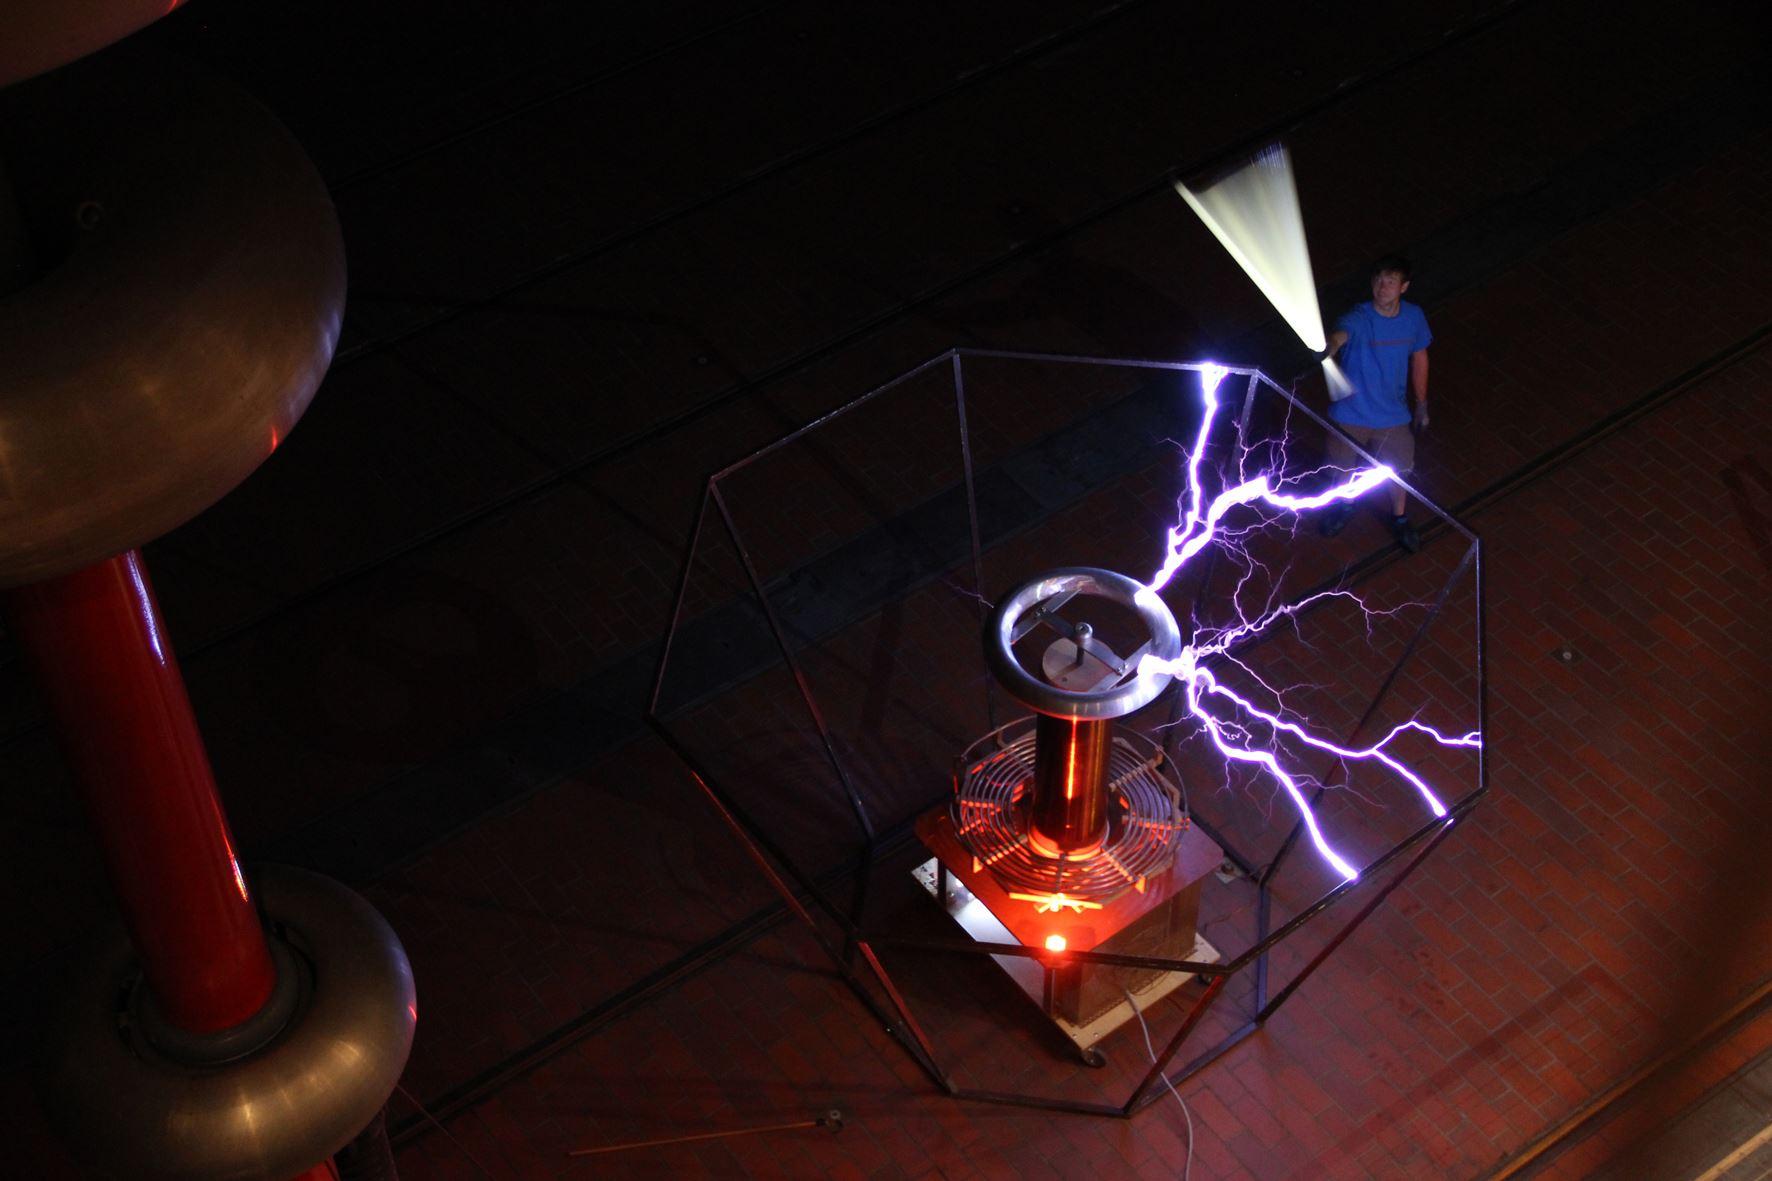 Dieses Bild zeigt einen Elektrotechniker in der Energietechnik bei der Arbeit